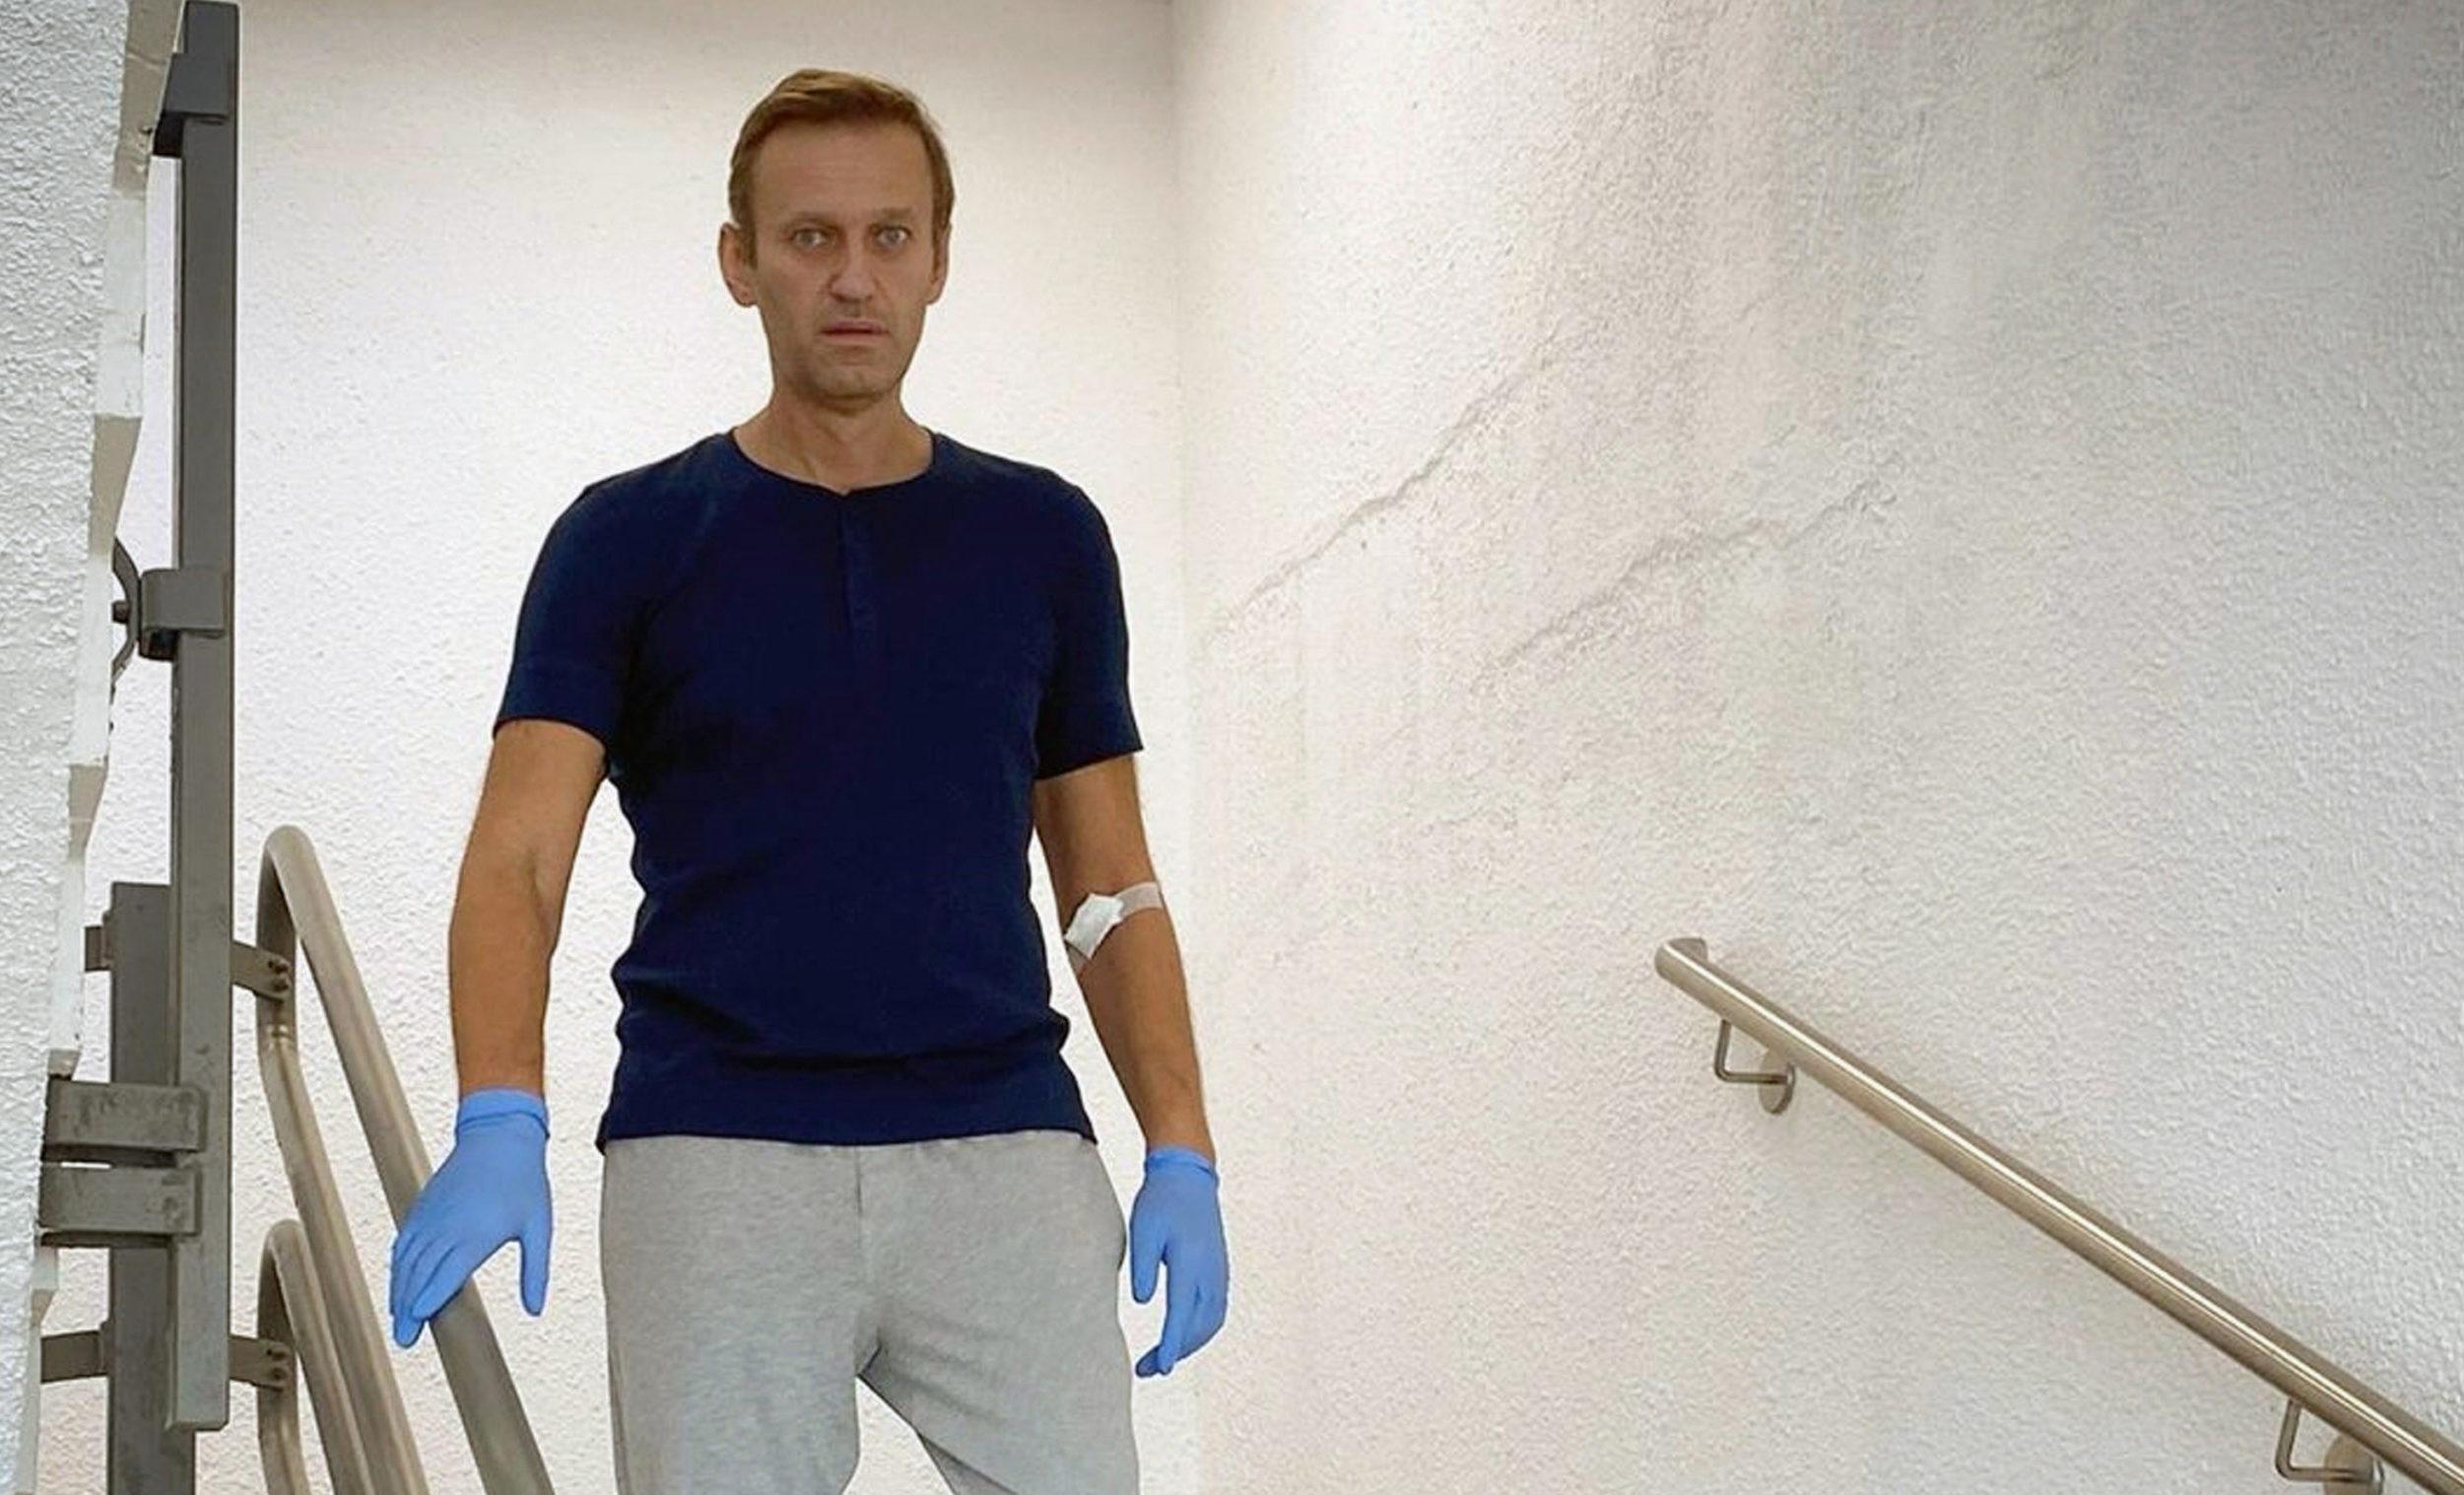 Alexeï Navalny, l'une des figures principales de l'opposition en Russie, a arrêté le 17 janvier 2021 lors de son retour à Moscou. Ici, le 19 septembre 2020, lorsque, victime d'un empoisonnement à un agent neurotoxique de type Novitchok, Navalny avait été soigné à l'hôpital de la Charité à Berlin.